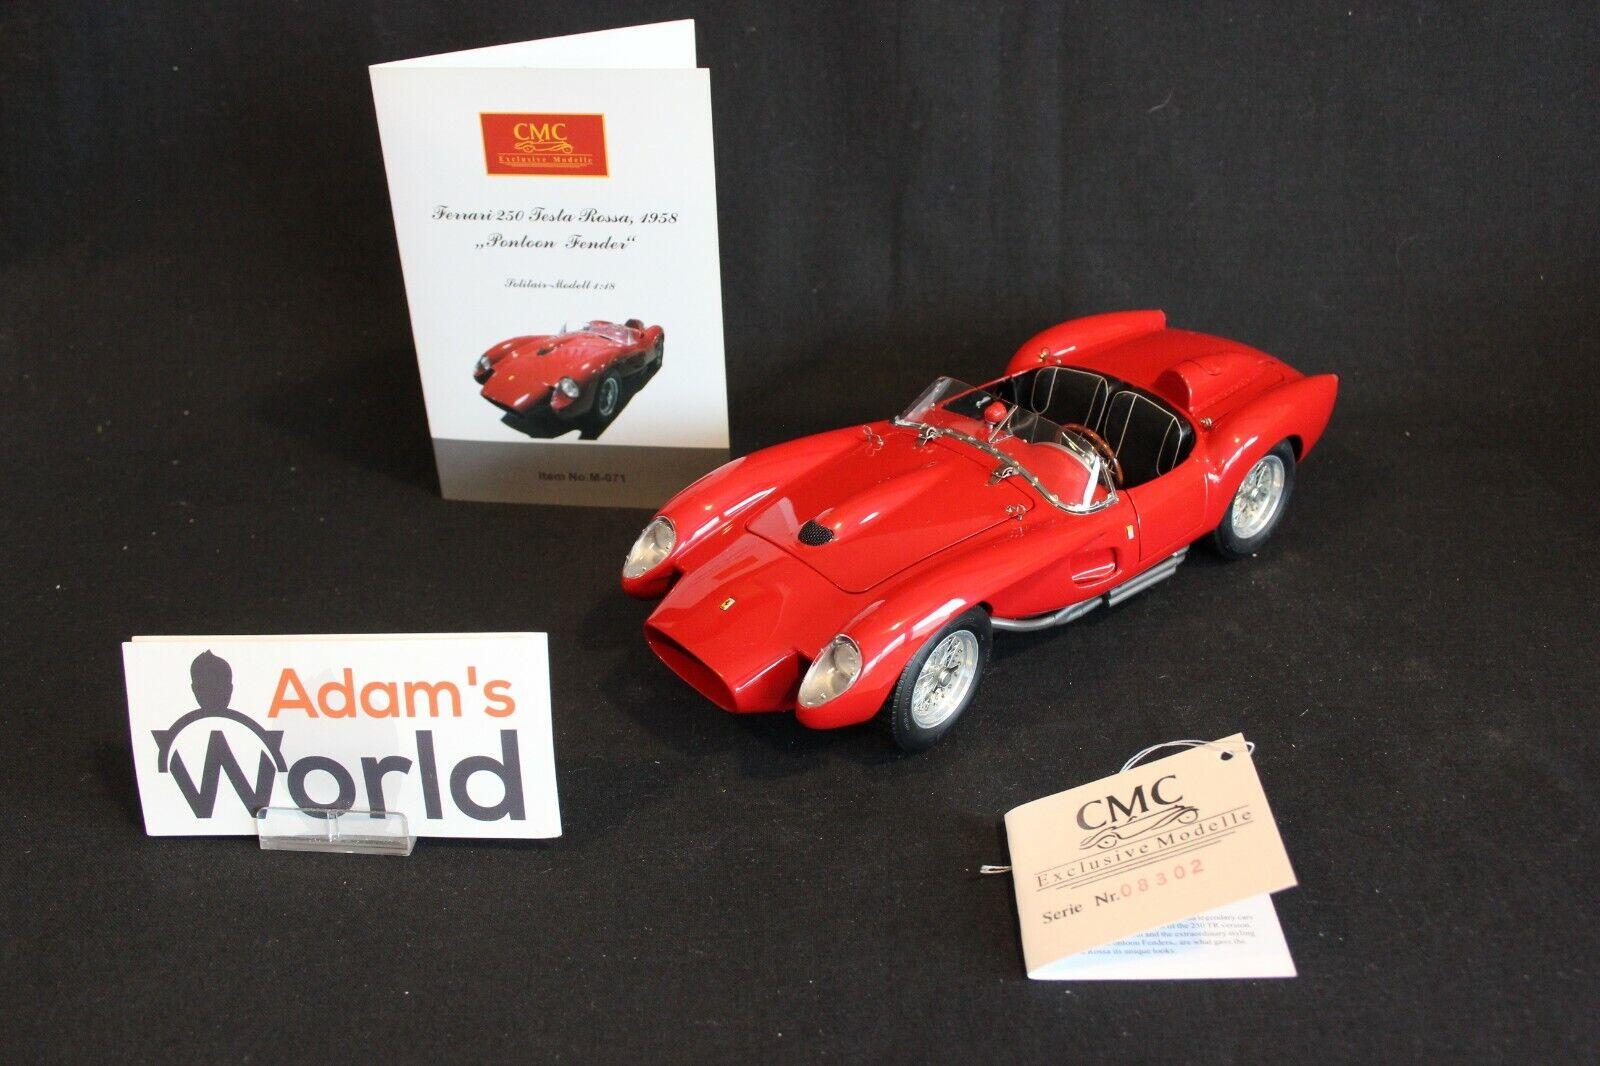 CMC Ferrari 250 Testa Rossa 1958 1 18 rojo  Pontoon Fender  (PJBB)